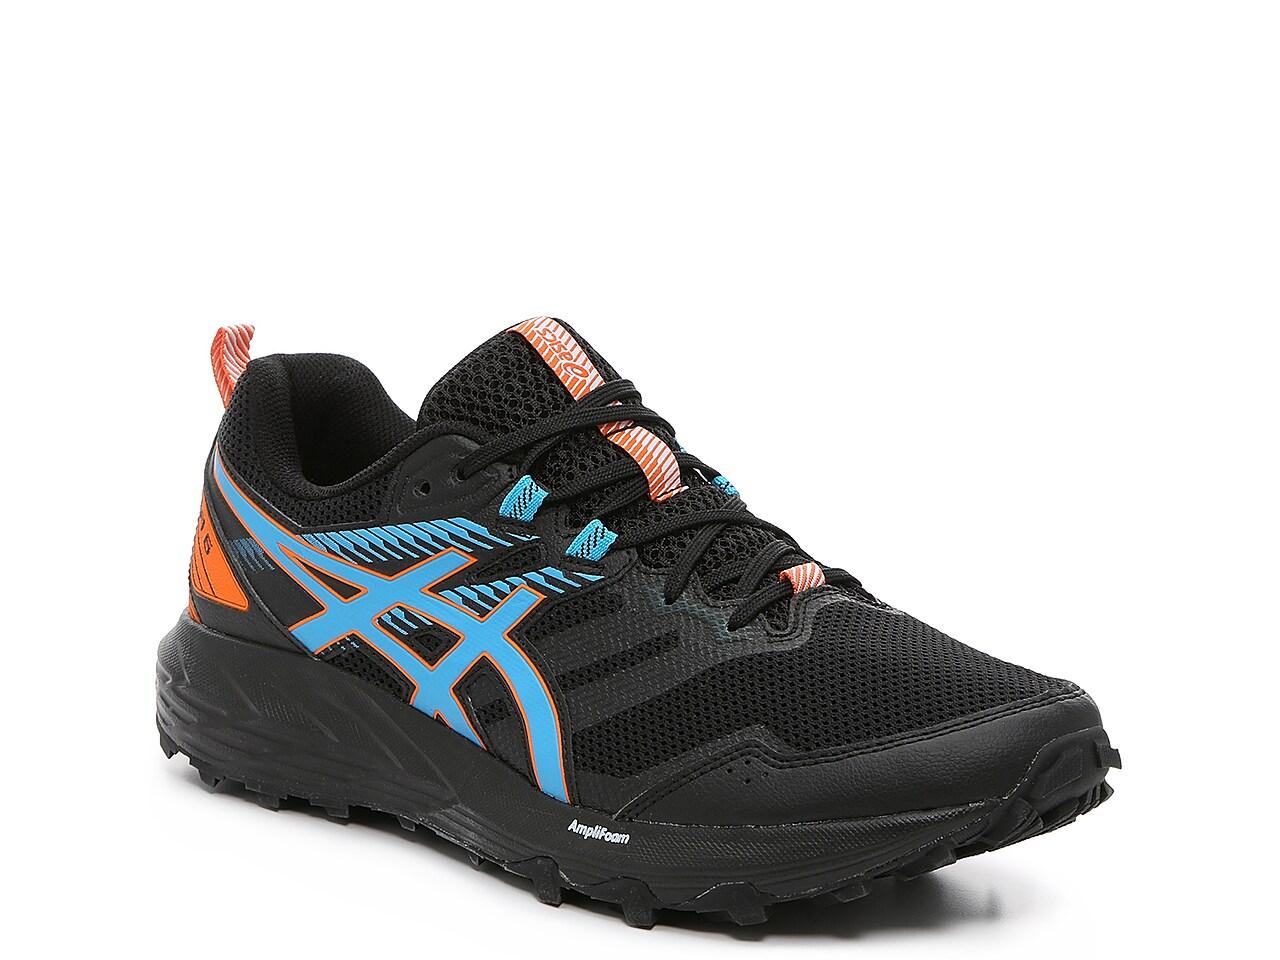 ASICS GEL-Sonoma 6 Running Shoe - Men's